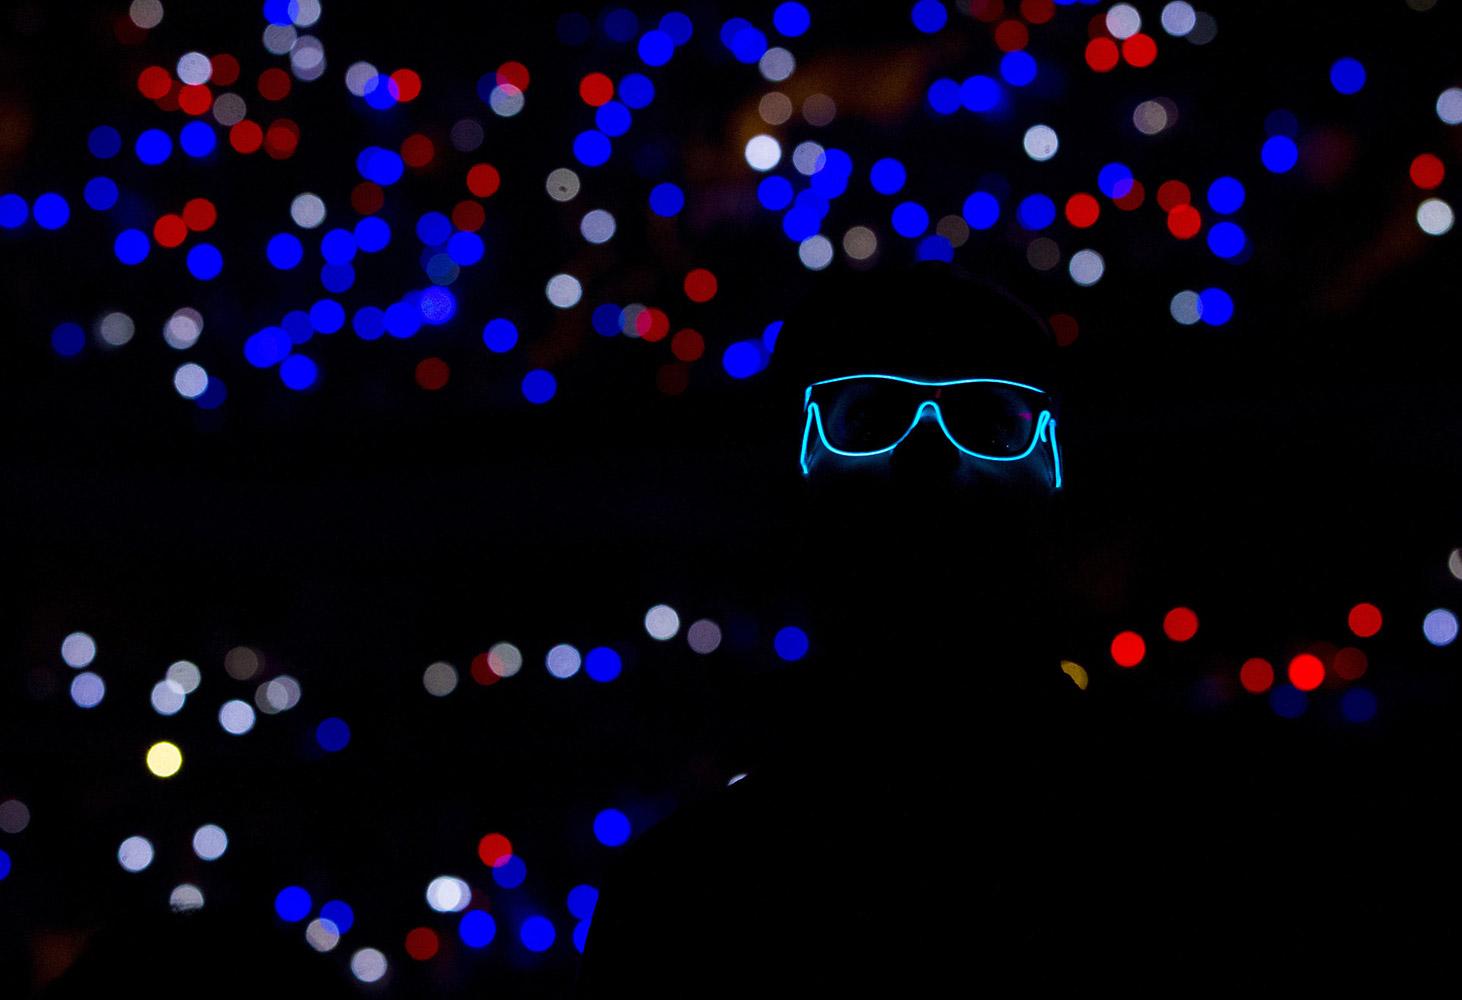 «Без названия», © Митчелл Лефф / Mitchell Leff, Филадельфия, США, Финалист категории «Профессионал : Толпа», Фотоконкурс «Момент музыки»